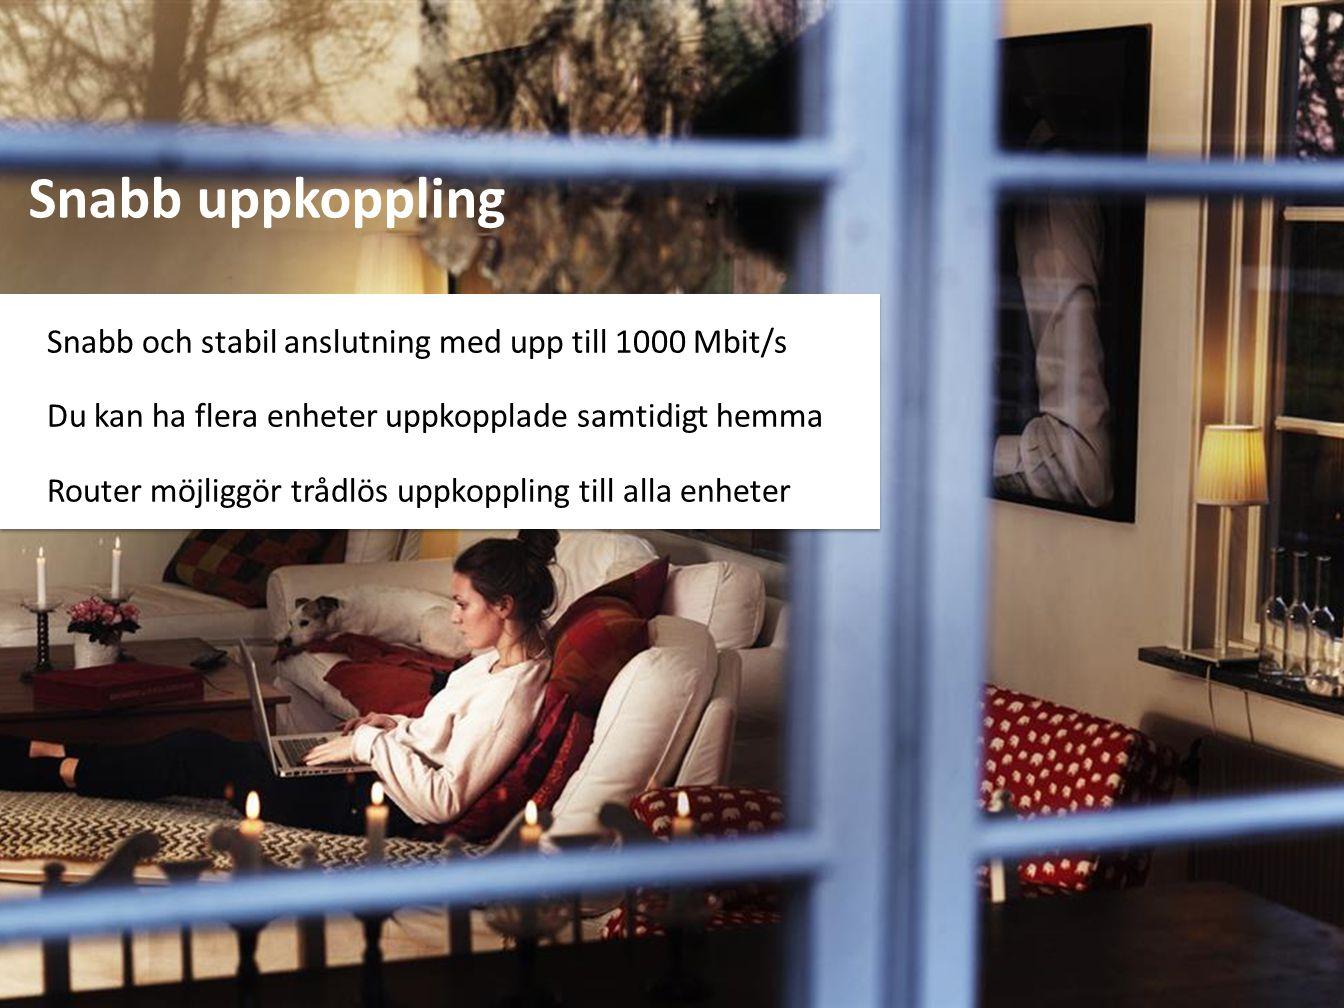 Vård och utbildning i ditt hem Ökad säkerhet och funktionalitet för dig med digitalt trygghetslarm Linköpings kommun har valt Utsikt Bredband som leverantör Ökad säkerhet och funktionalitet för dig med digitalt trygghetslarm Linköpings kommun har valt Utsikt Bredband som leverantör